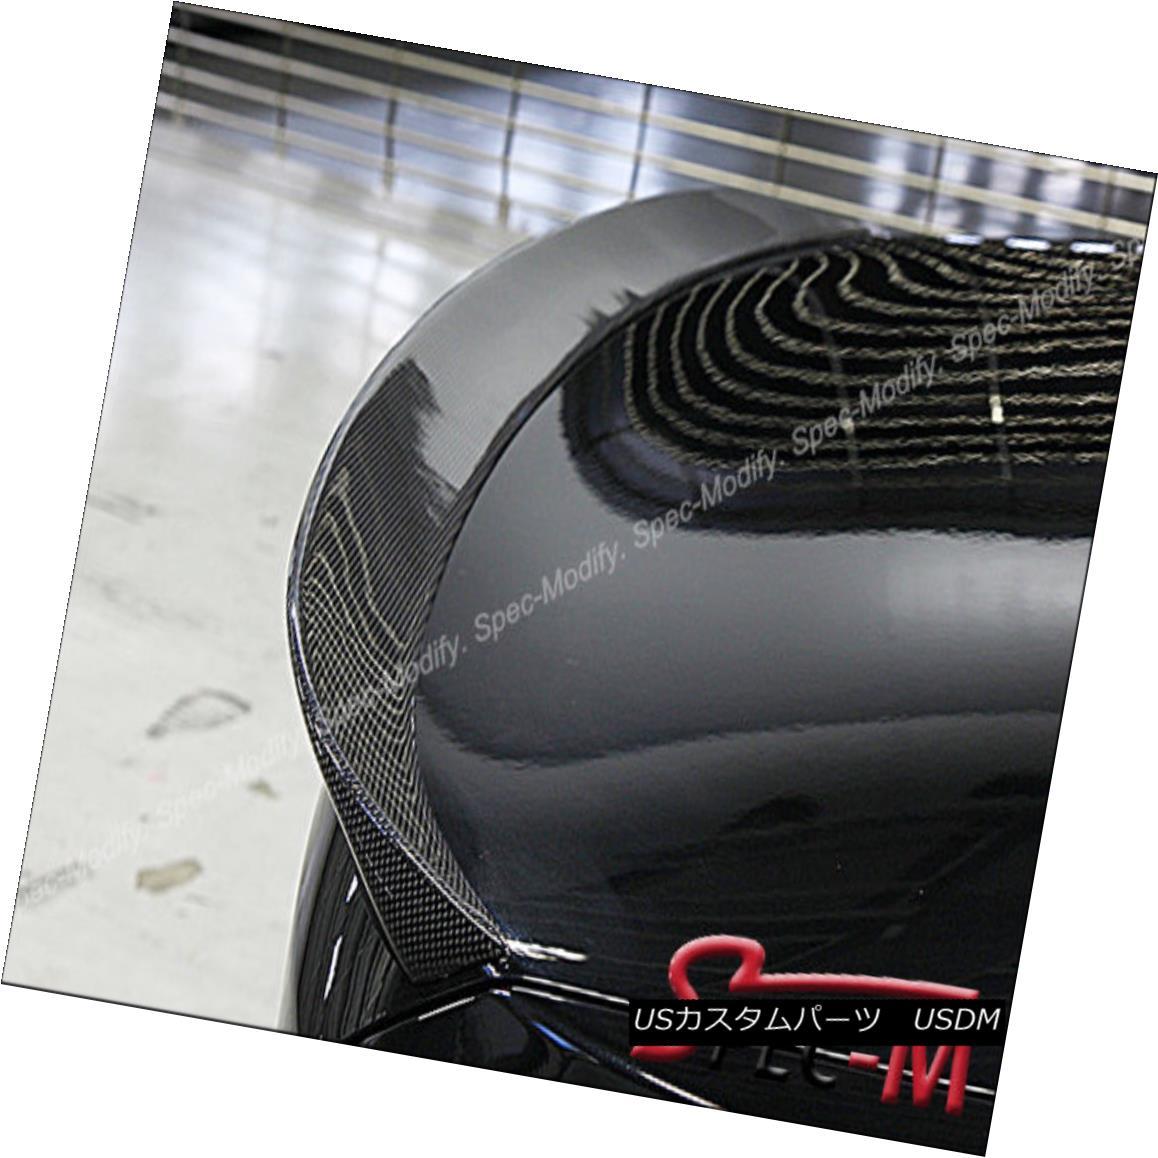 エアロパーツ 3D style Carbon Fiber Trunk Trunk Lip For BMW 2011+ 528i 535i 550i M5 Sedan 3Dスタイルカーボンファイバートランクトランクリップfor BMW 2011+ 528i 535i 550i M5セダン